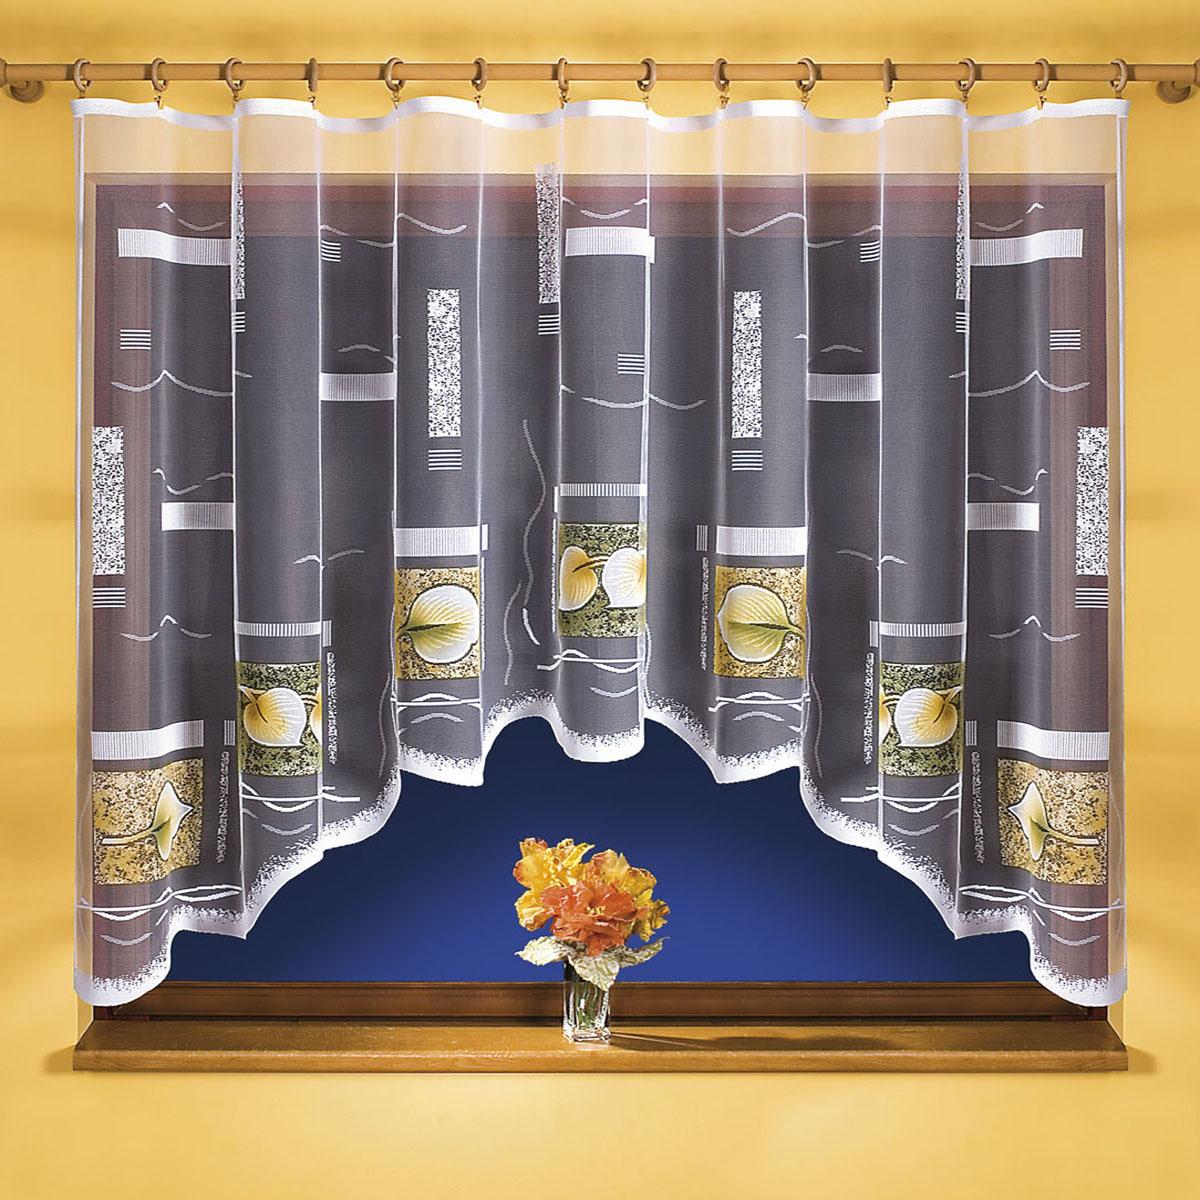 Штора для кухни Wisan, на ленте, цвет: белый, зеленый, высота 150 см. 96719671Штора Wisan, выполненная из легкого полупрозрачного полиэстера белого цвета, станет великолепным украшением кухонного окна. Изделие имеет ассиметричную длину и красивый рисунок с изображением листьев по краю. Качественный материал и оригинальный дизайн привлекут к себе внимание и позволят шторе органично вписаться в интерьер помещения. Штора оснащена шторной лентой под зажимы для крепления на карниз.